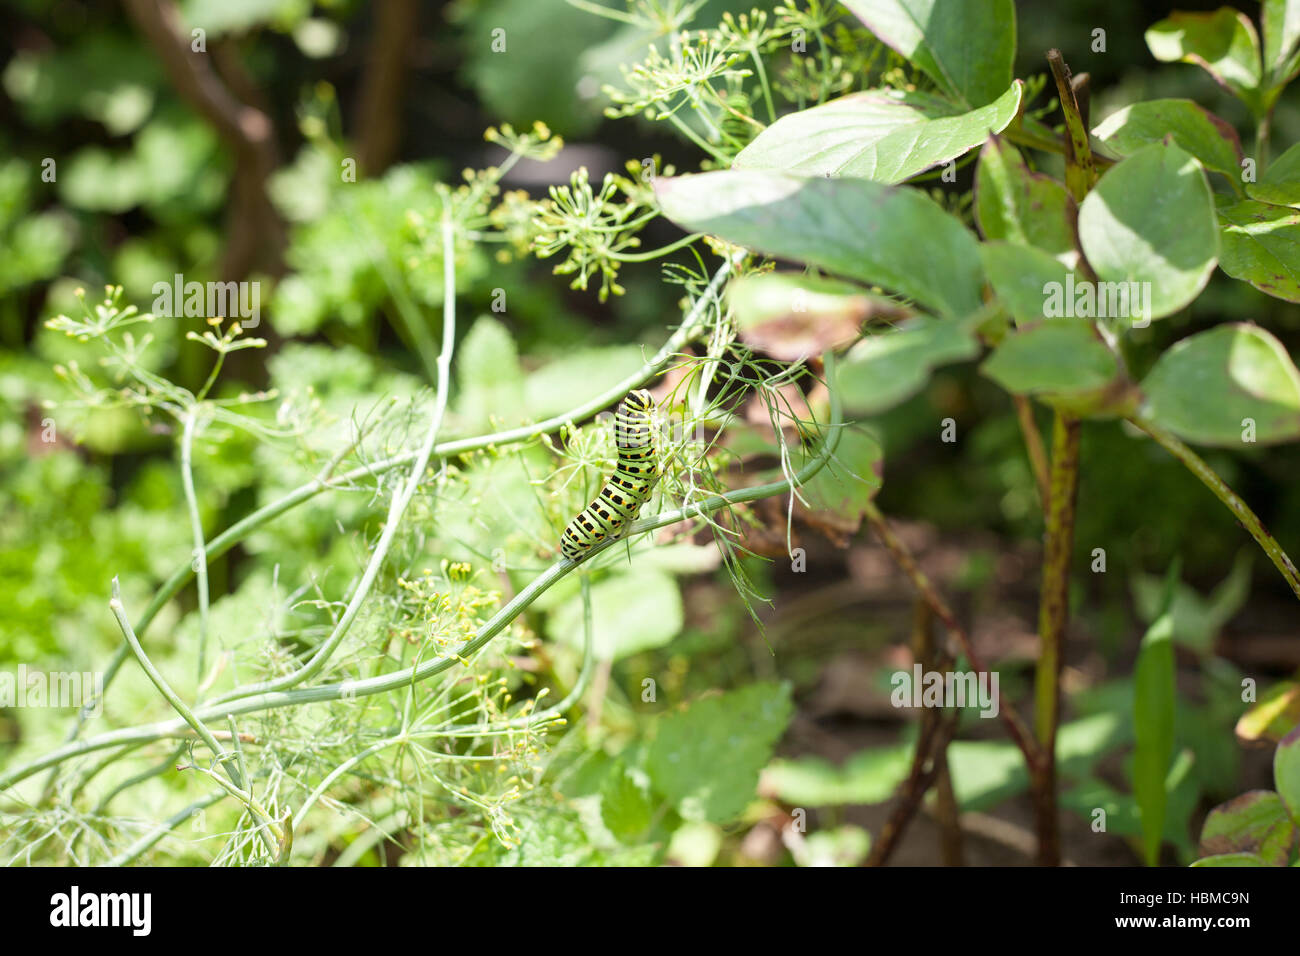 Larva de Papilionoidea comiendo una hoja de eneldo Foto de stock